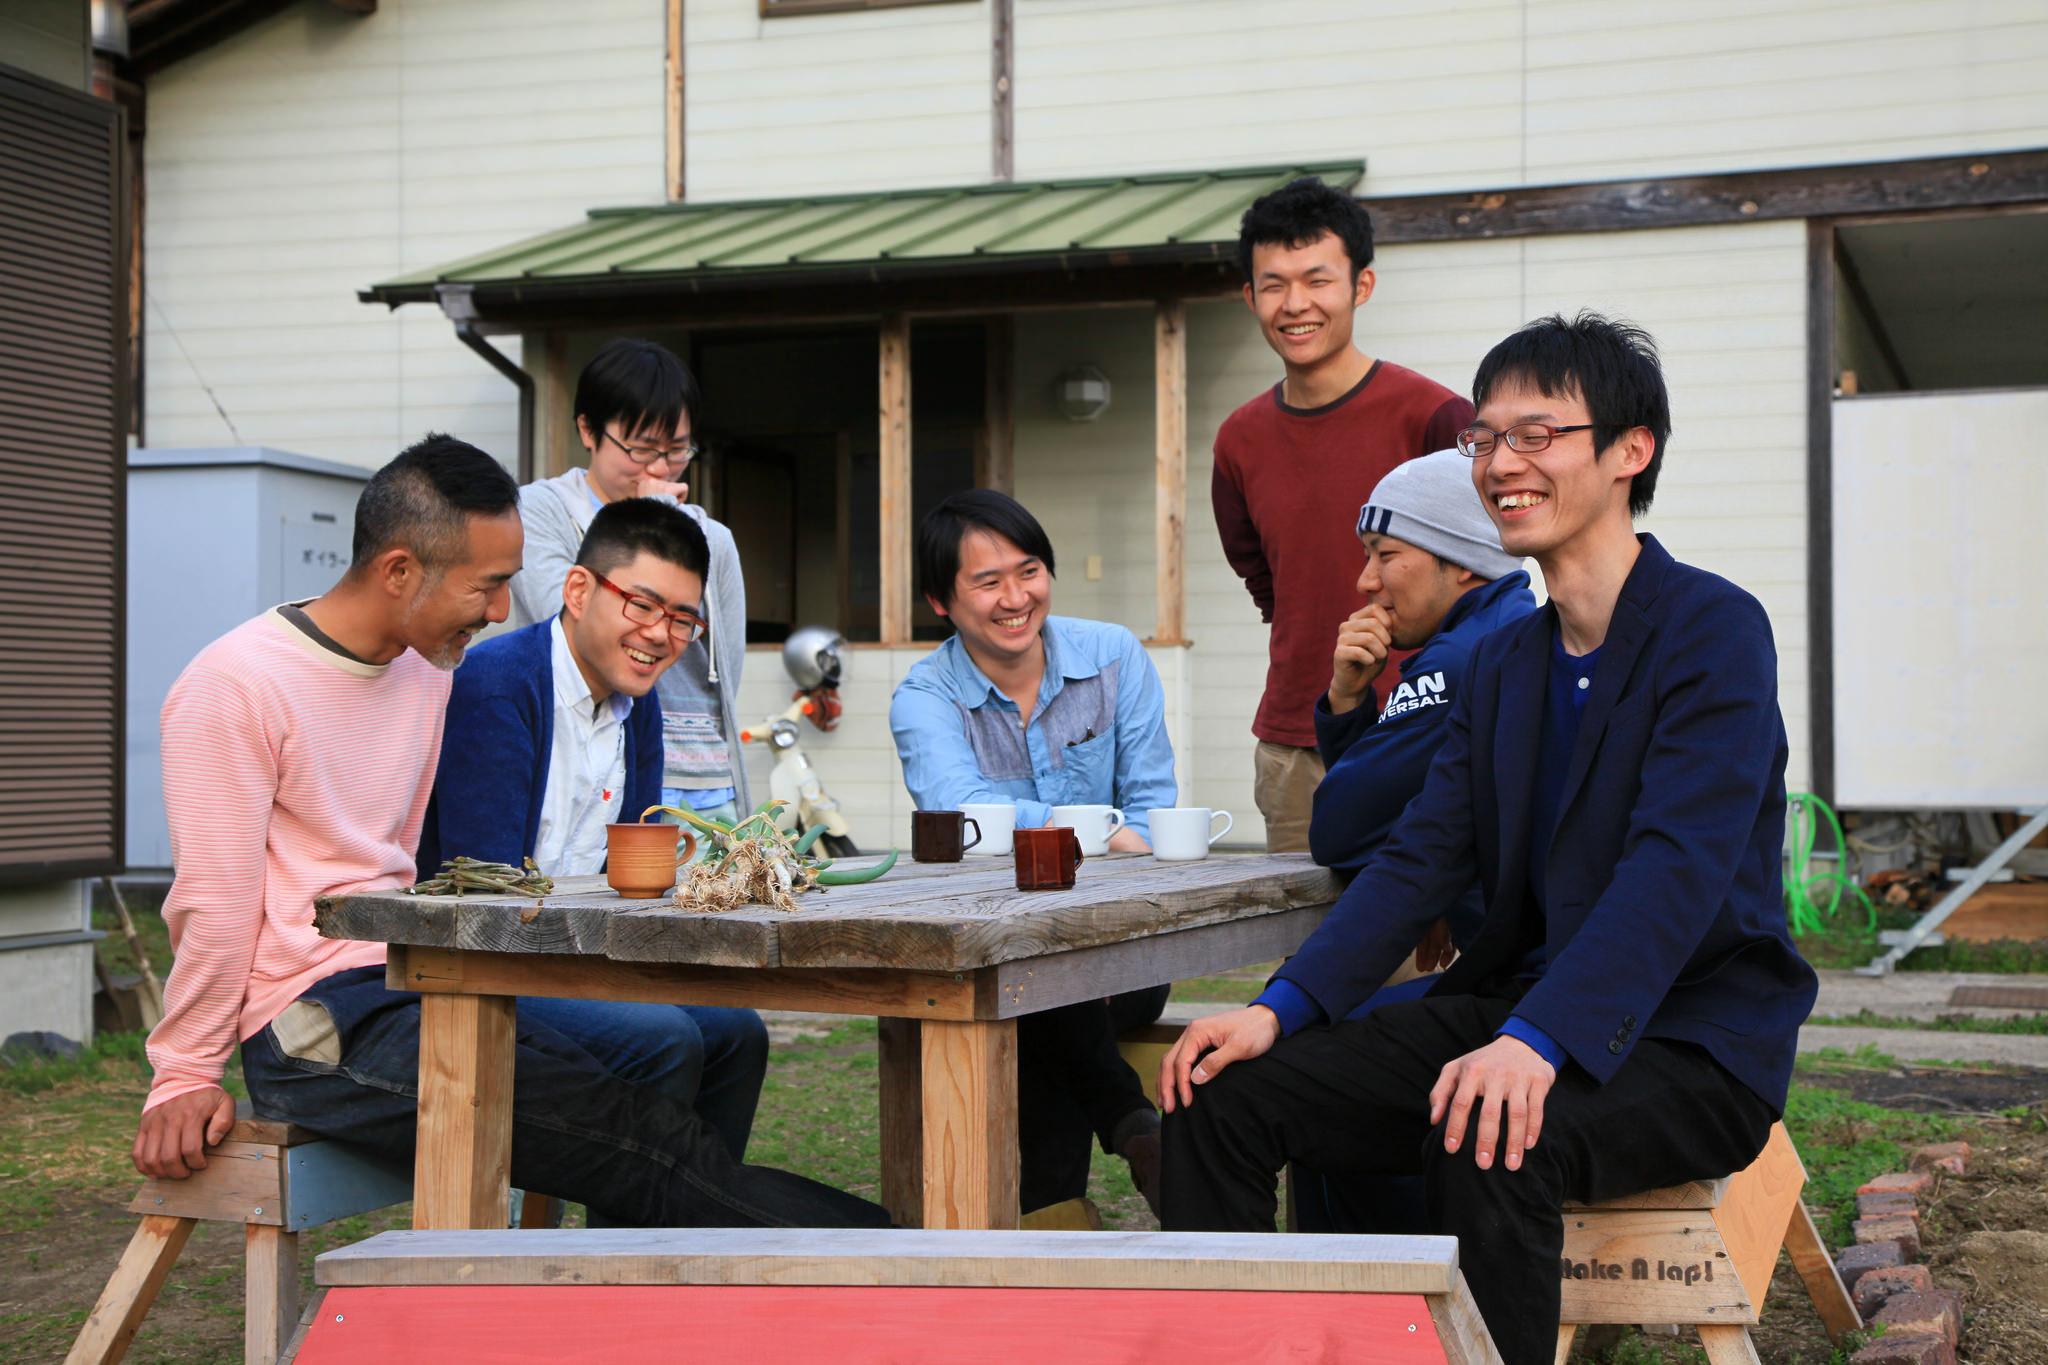 若者支援シェアハウス「人おこし」|仲間たち